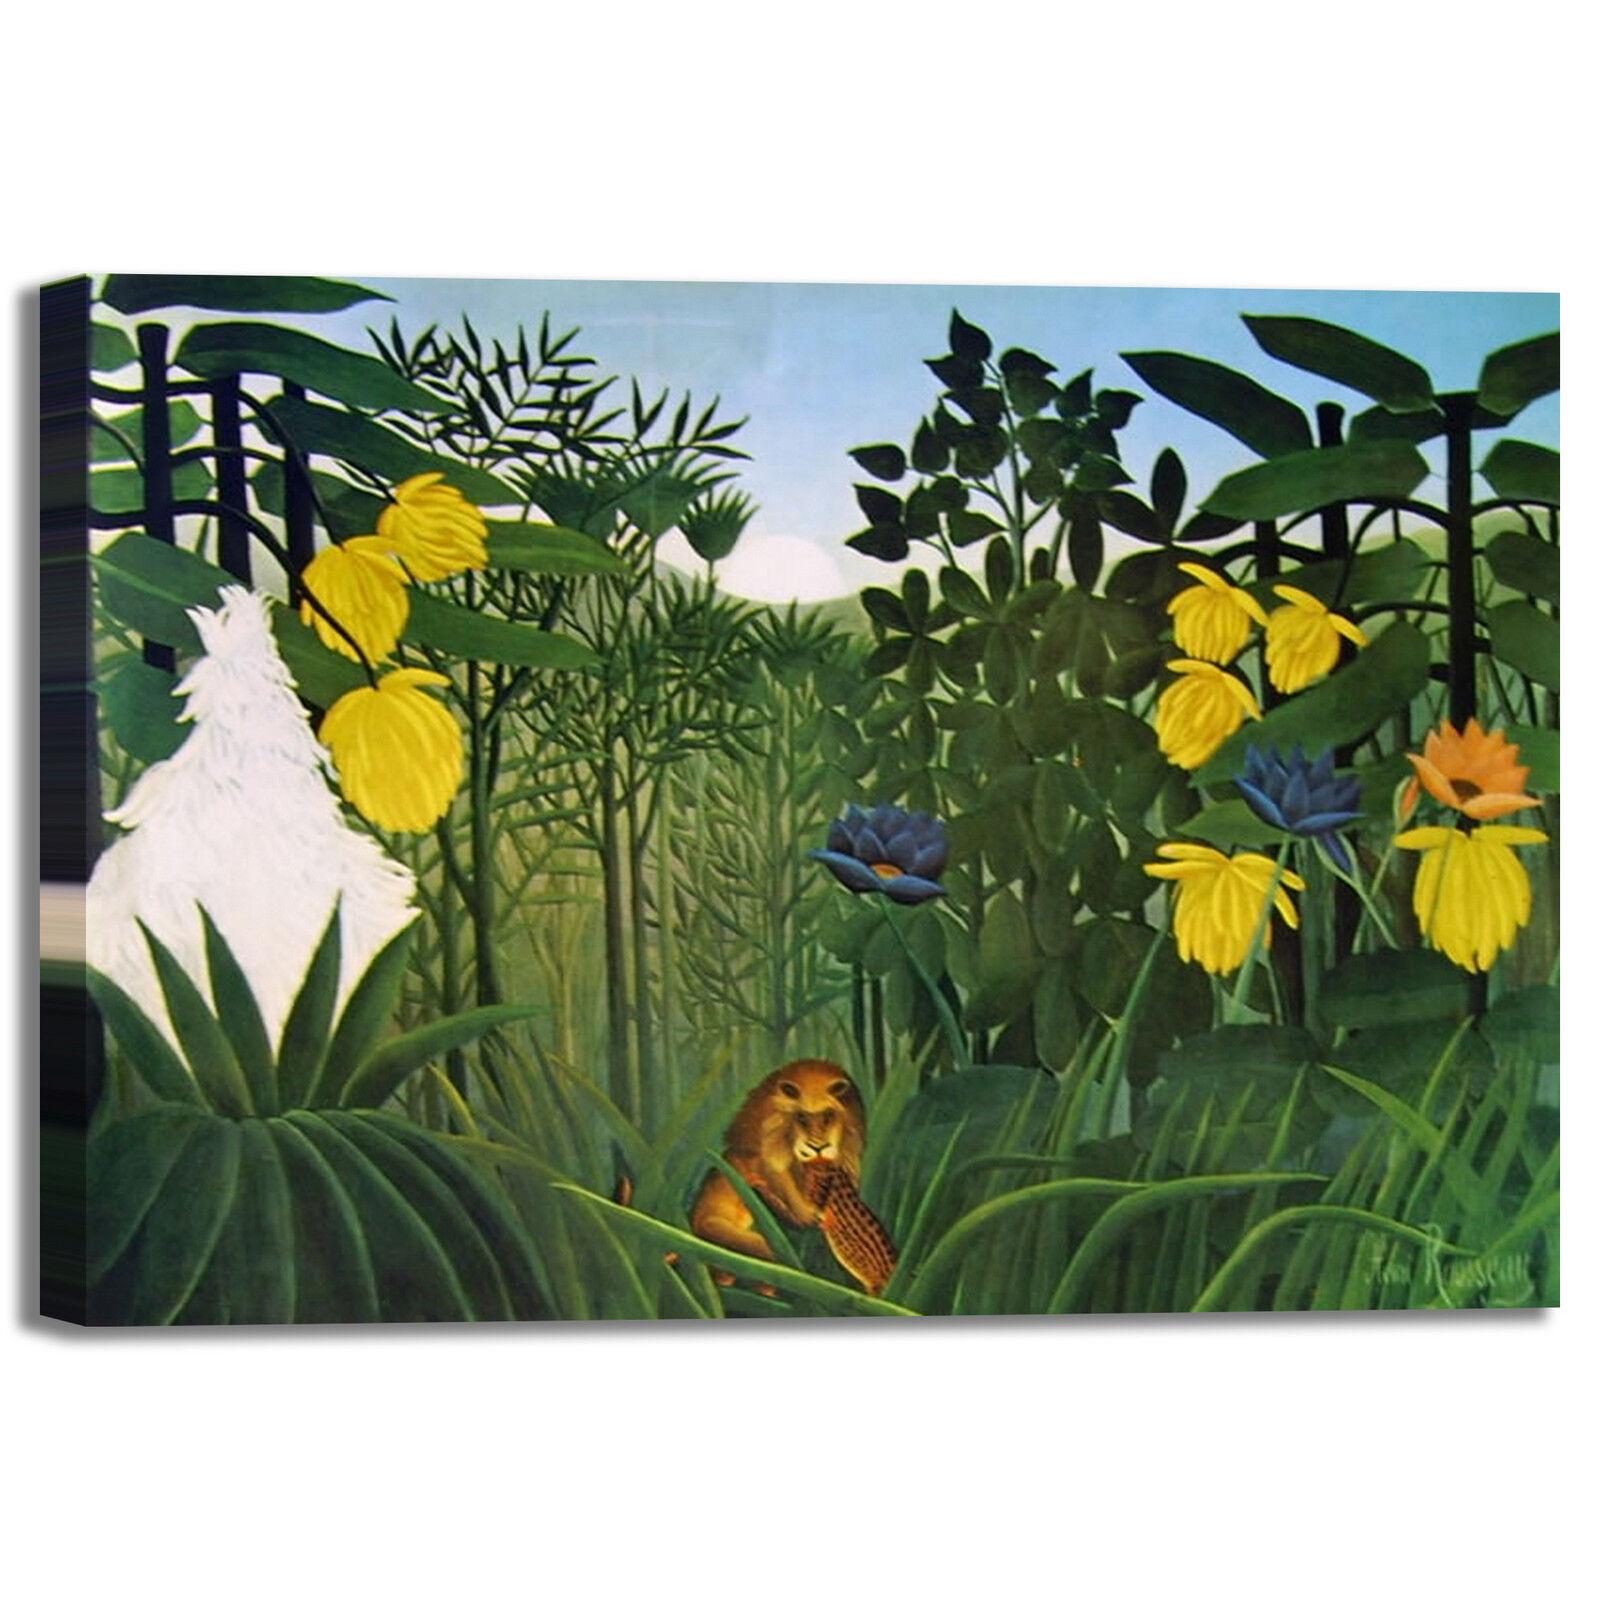 Rousseau pantera e leone leone leone design quadro stampa tela dipinto telaio arroto casa 0efab1